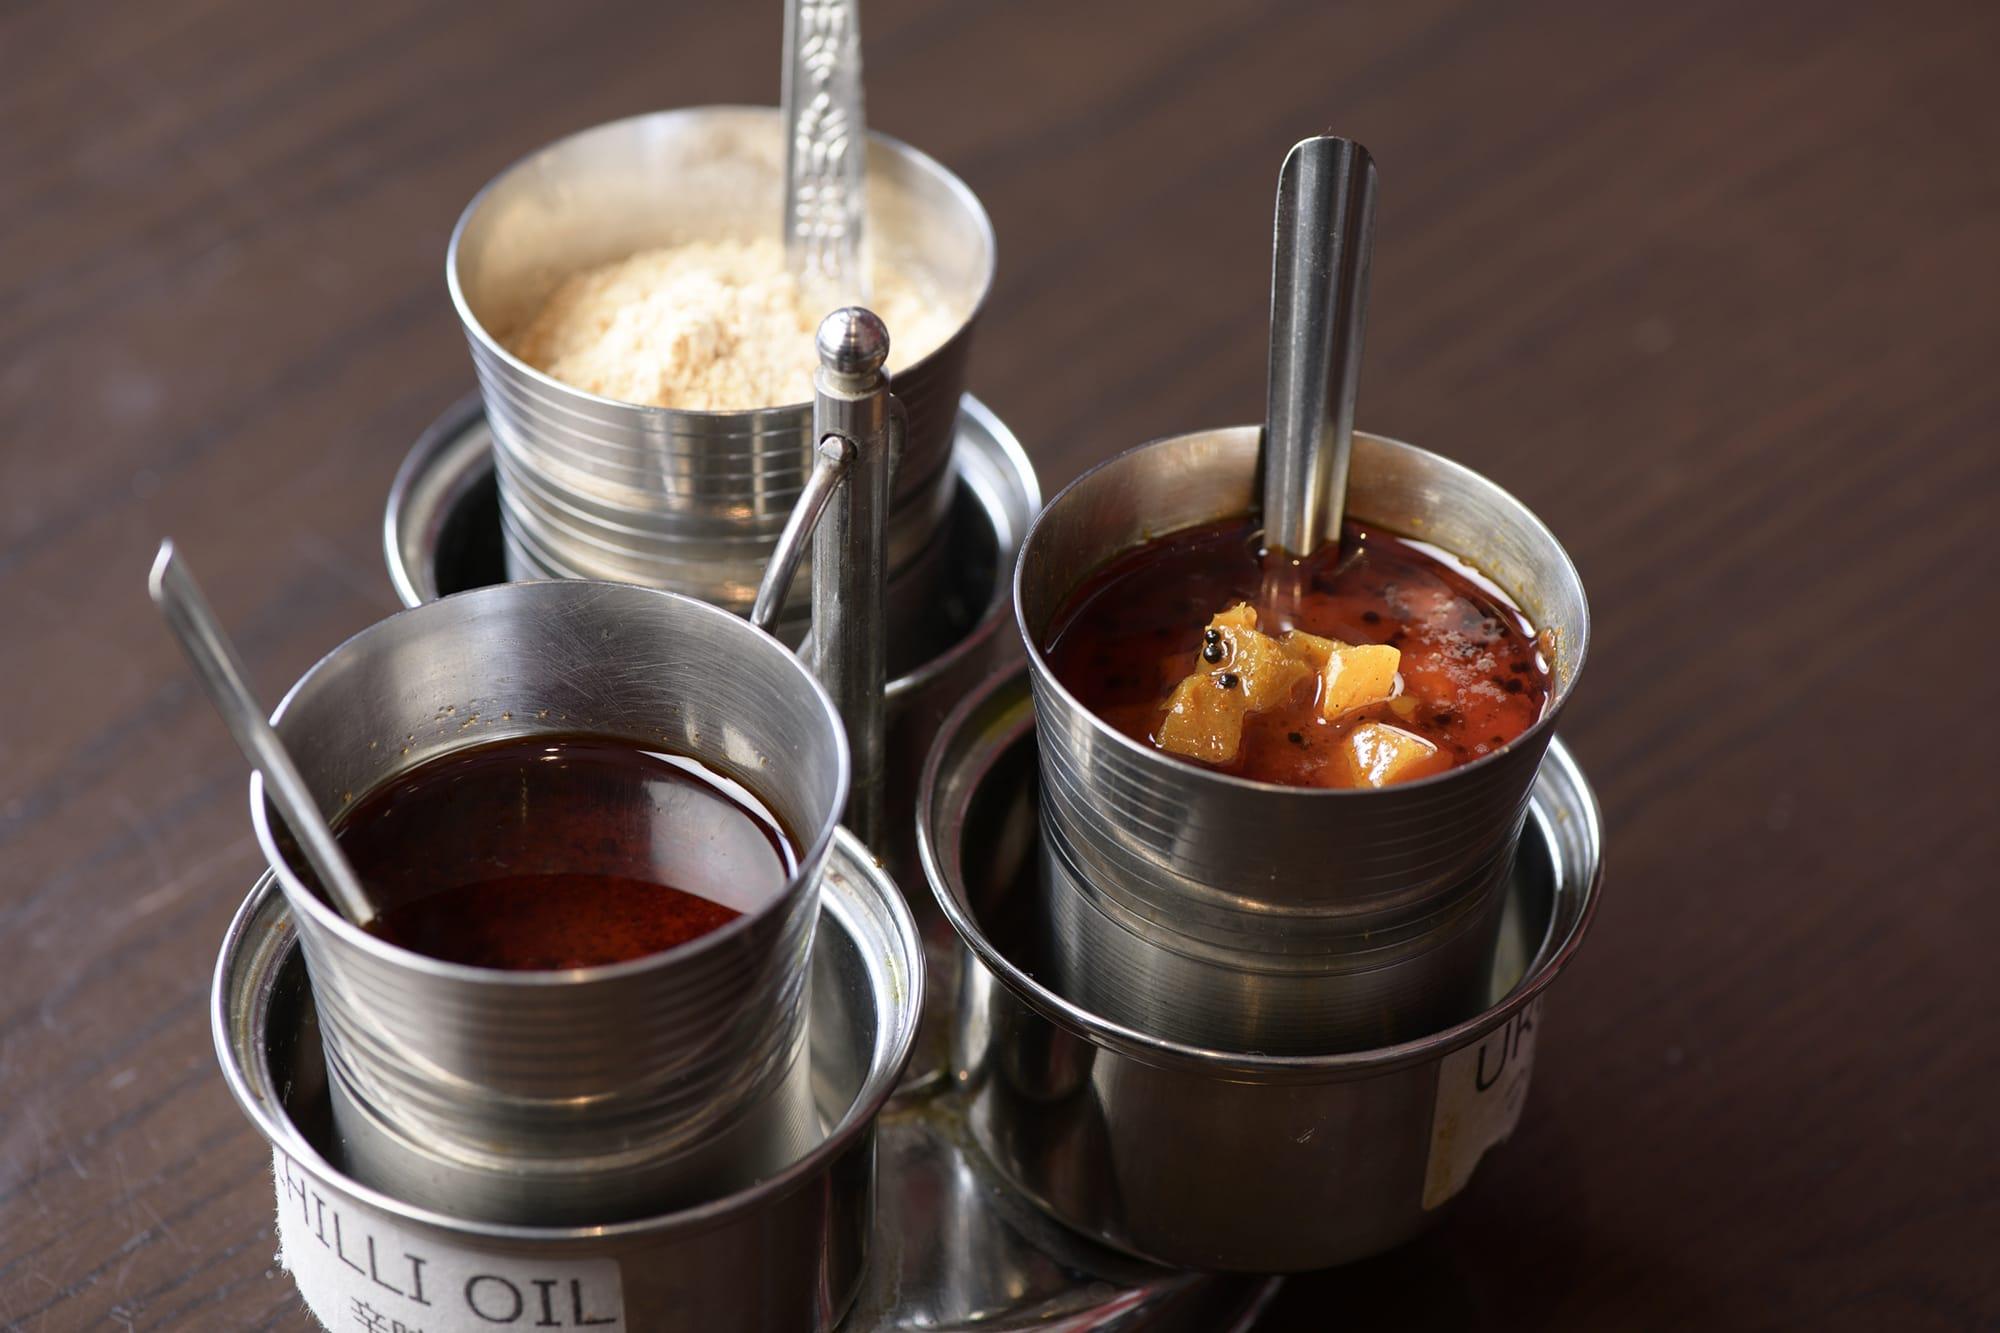 テーブルにはひよこ豆のふりかけ、大根の漬物と辛さの調整ができるチリオイルが置かれている。